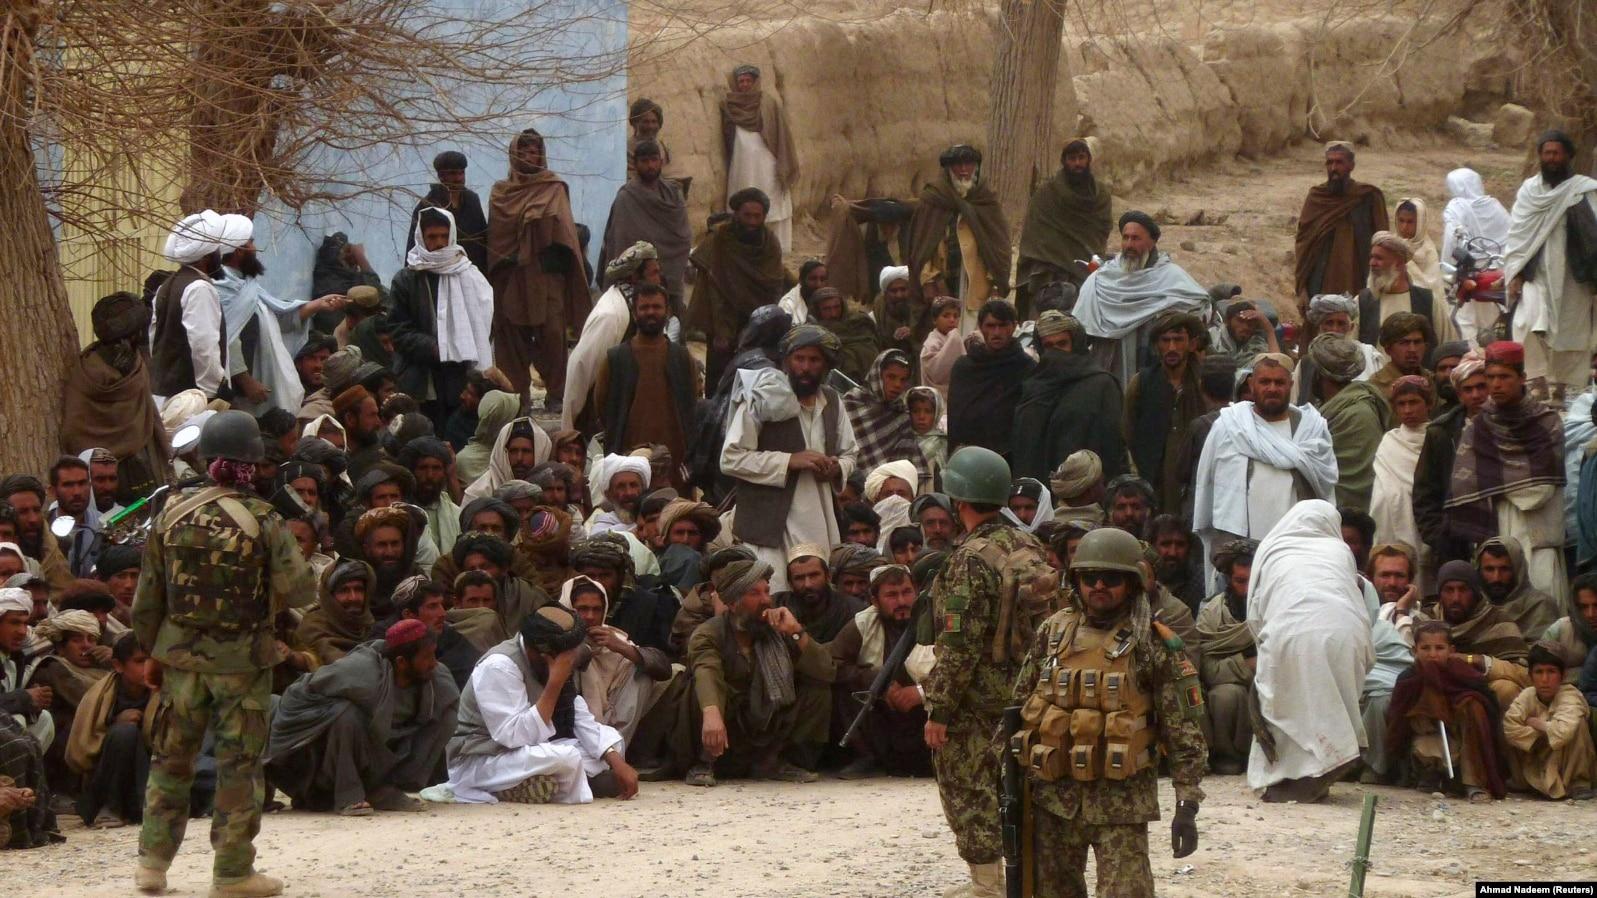 Afganistanska vojska drži stražu dok se Afganistanci okupljaju oko američke baze u Panjawi distriktu u Kandahar provinciji nakon ubistva koje se desilo 11. marta 2012.